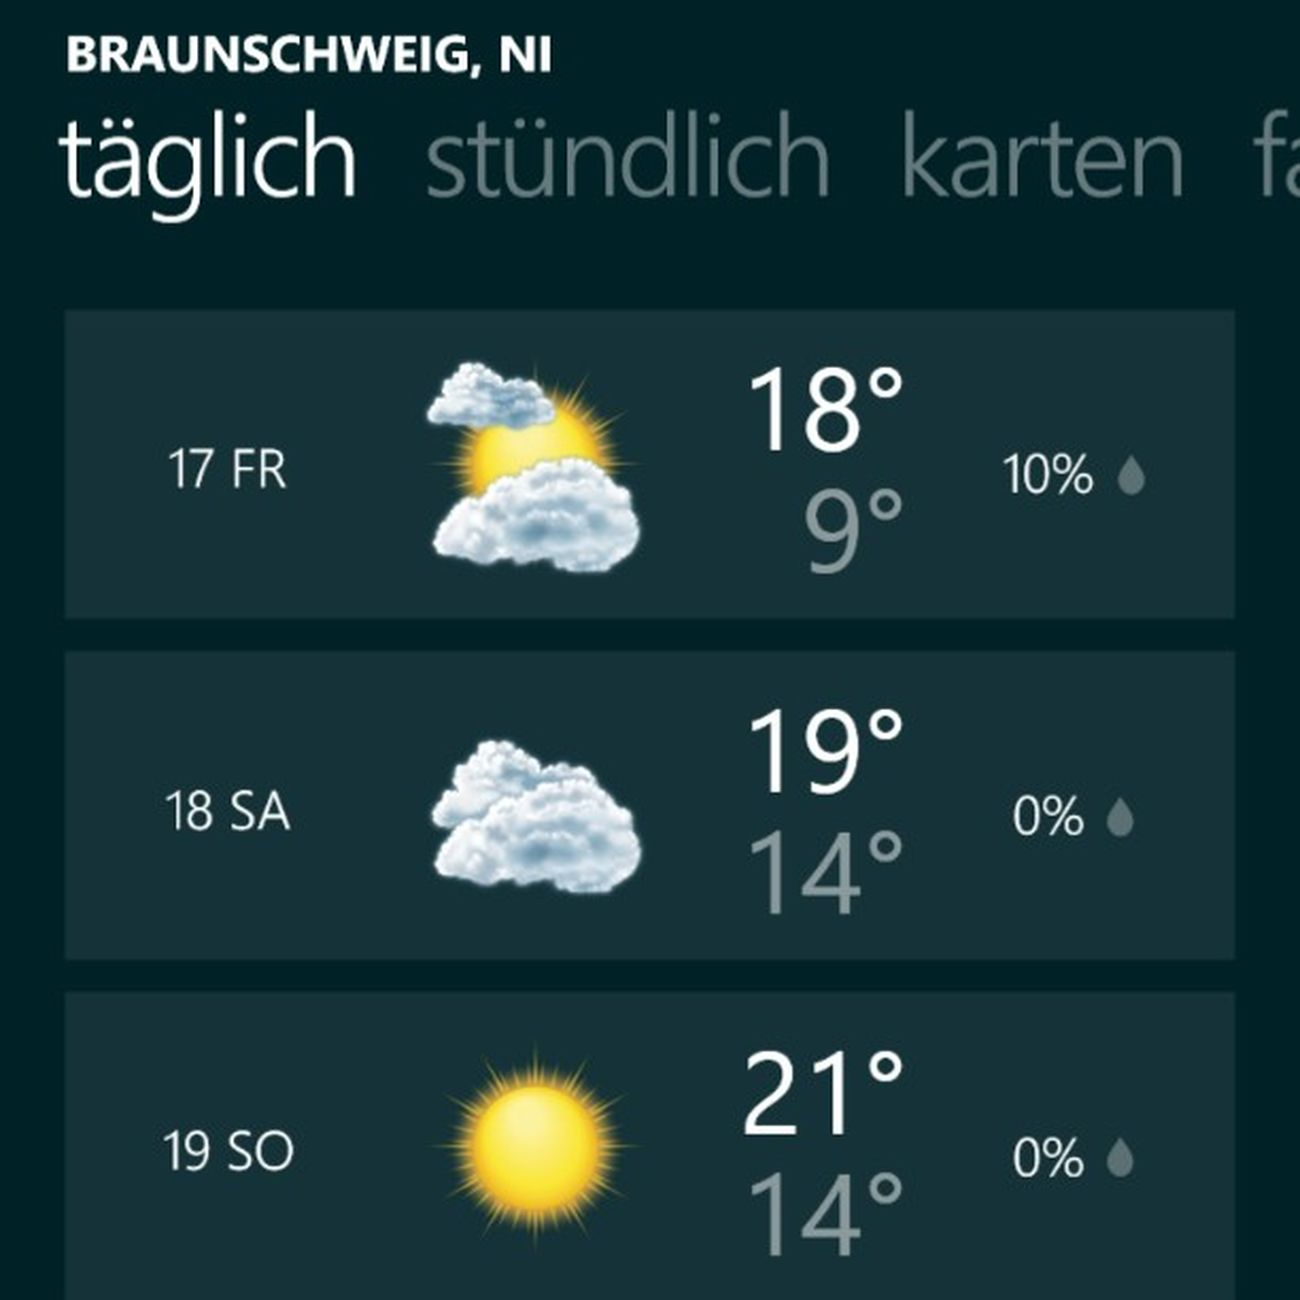 Wettertechnisch ganz ok morgen in Braunschweig // BOTY Battleoftheyear Zoomlabontour zot